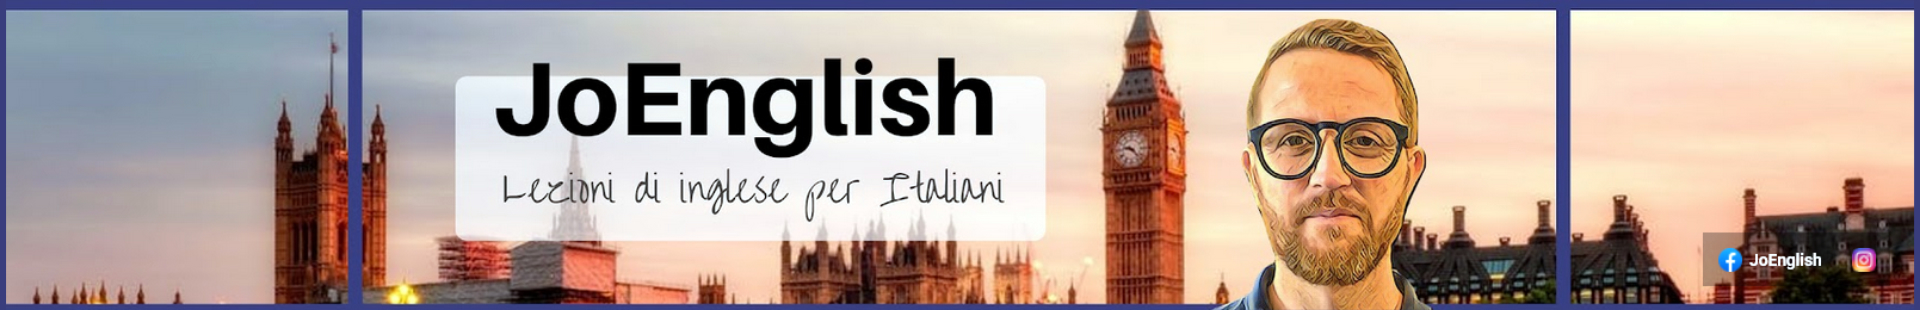 Come imparare o migliorare il proprio inglese